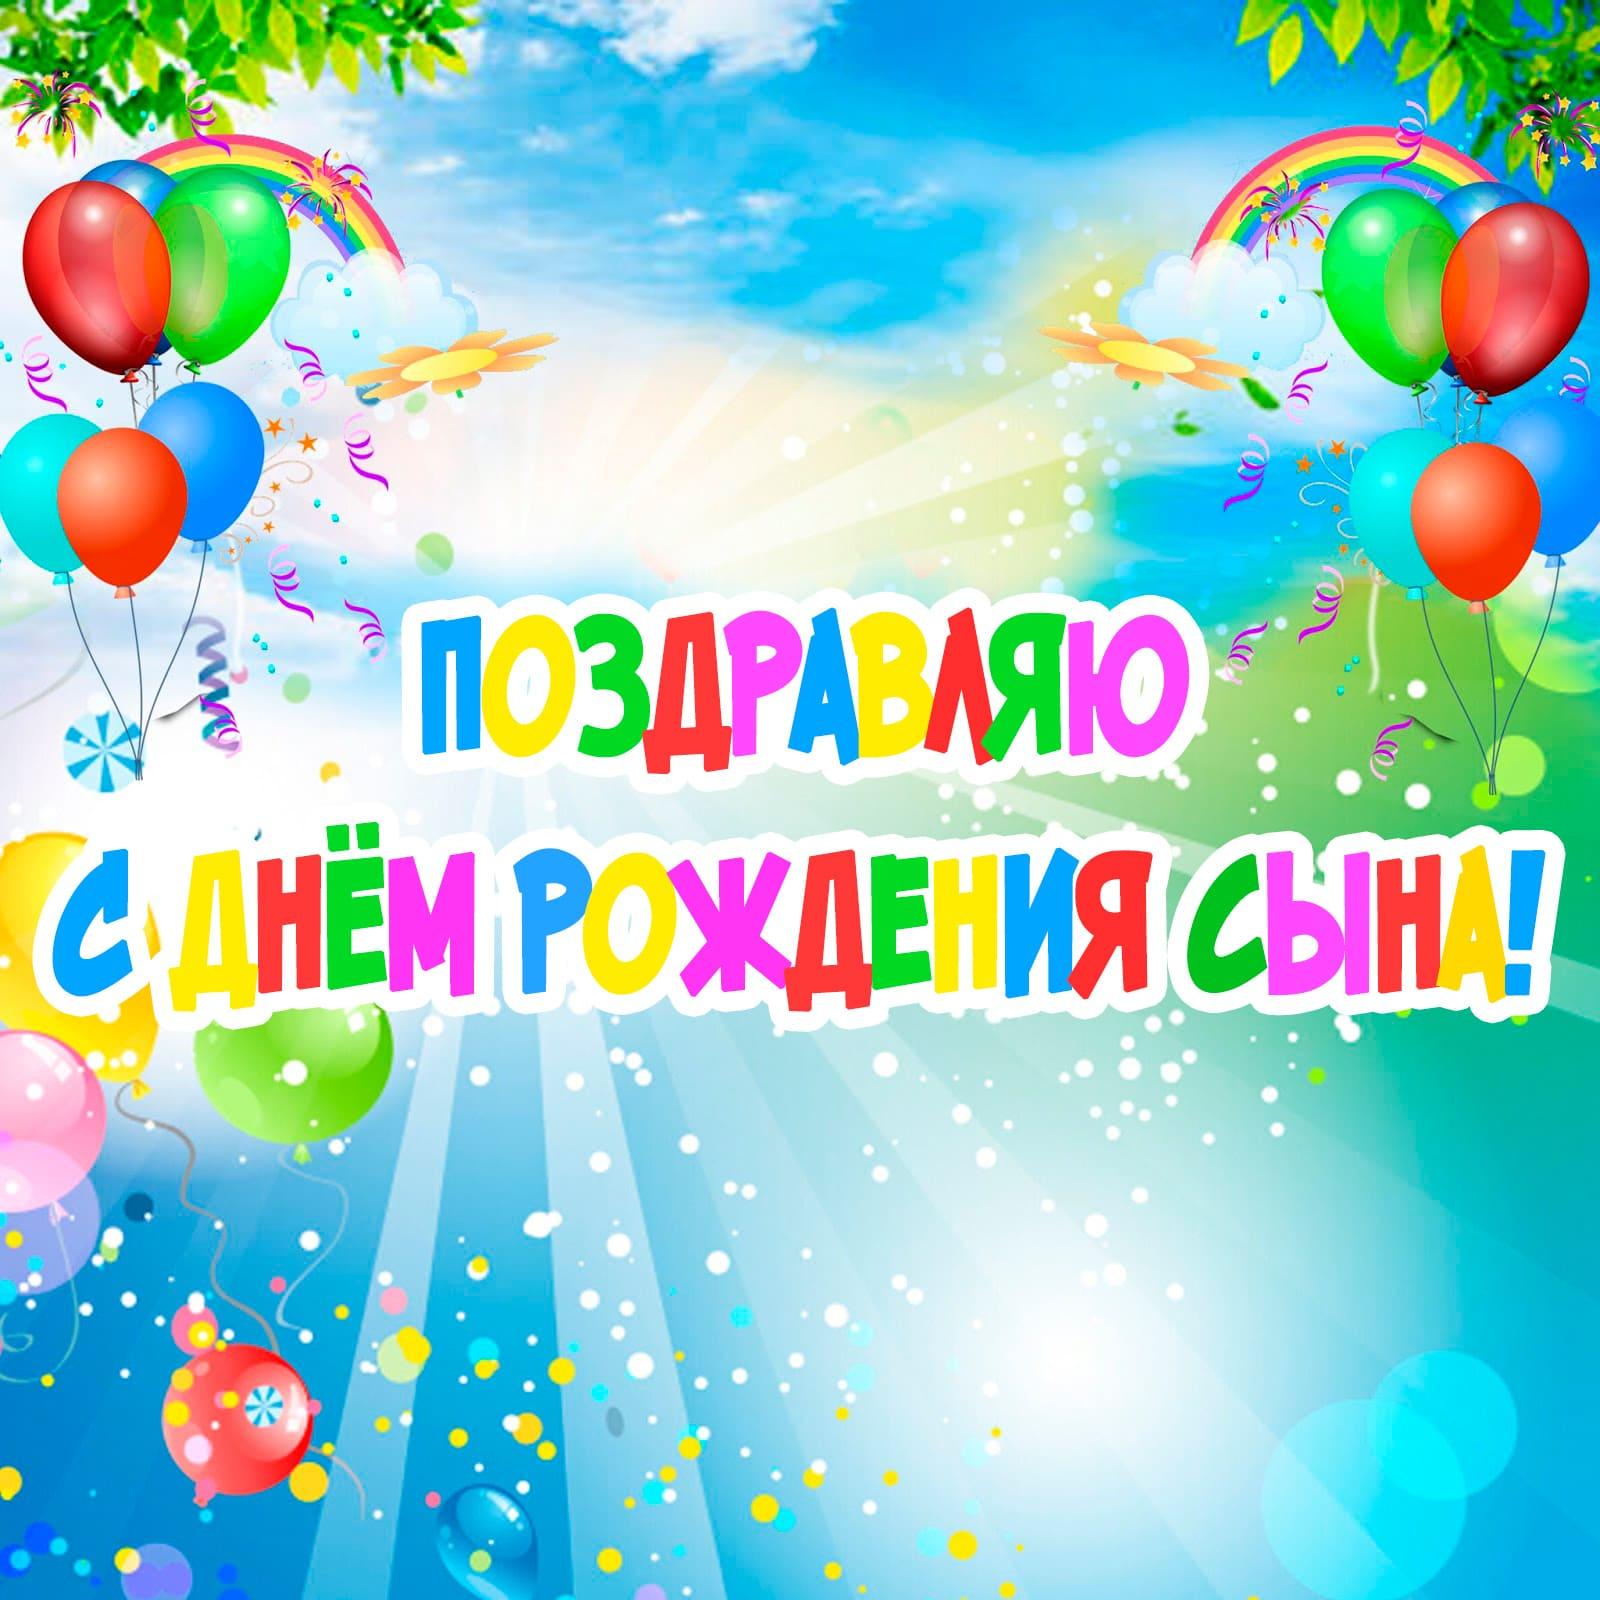 Изображение - Поздравление с рождением сына для мамы открытки pozdravlayu-s-dnem-rozhdeniya-sina-20